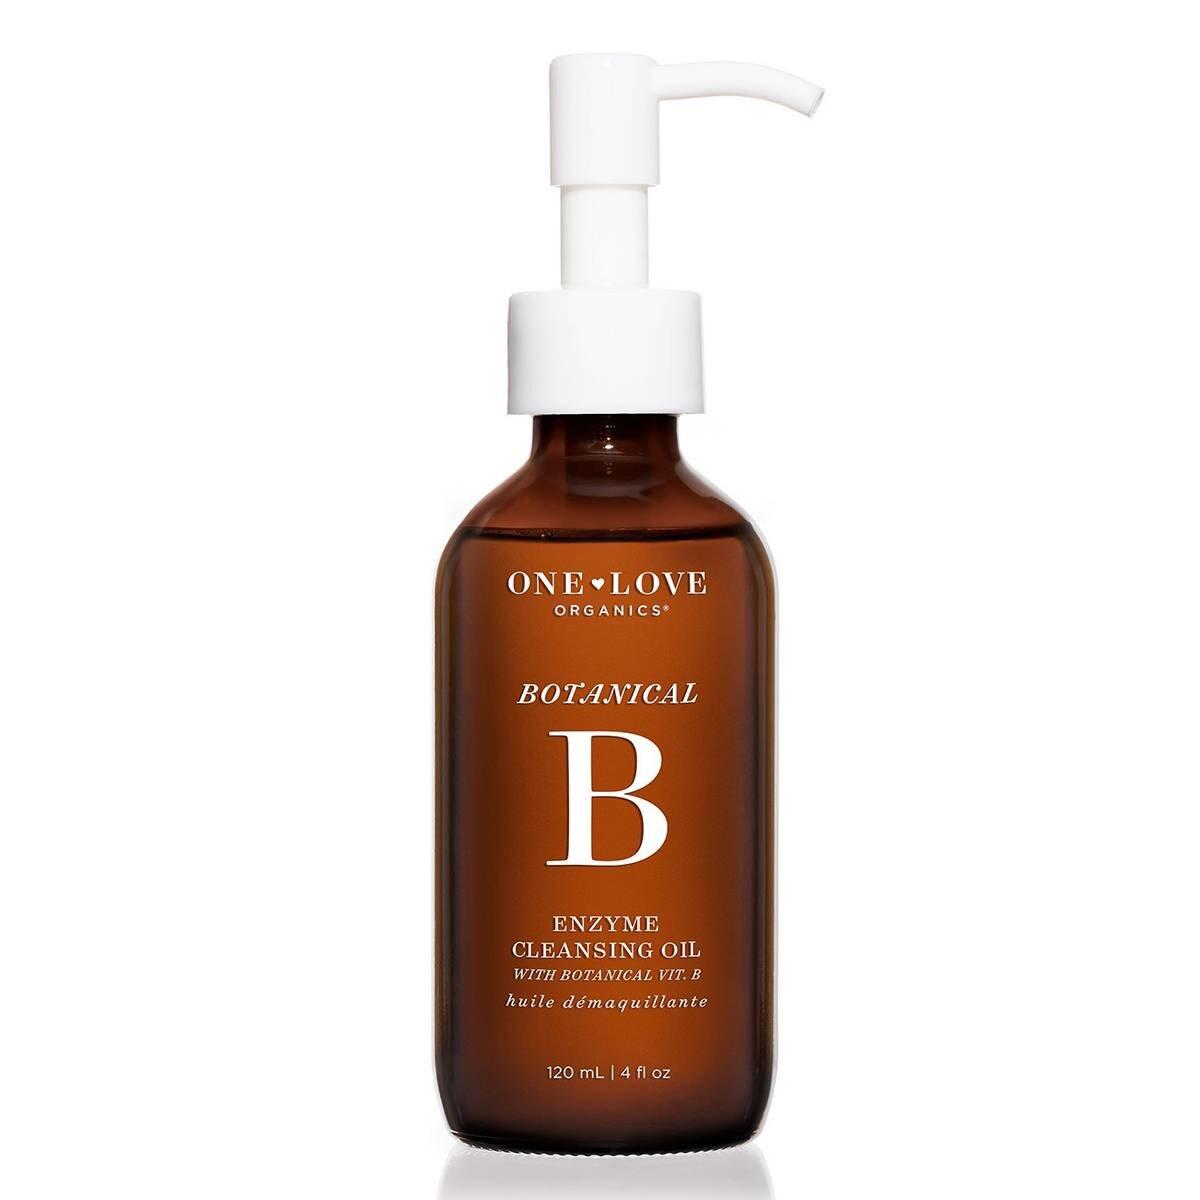 cleansing-oils-for-oily-skin-285927-1583530679104-main.1200x0c.jpg